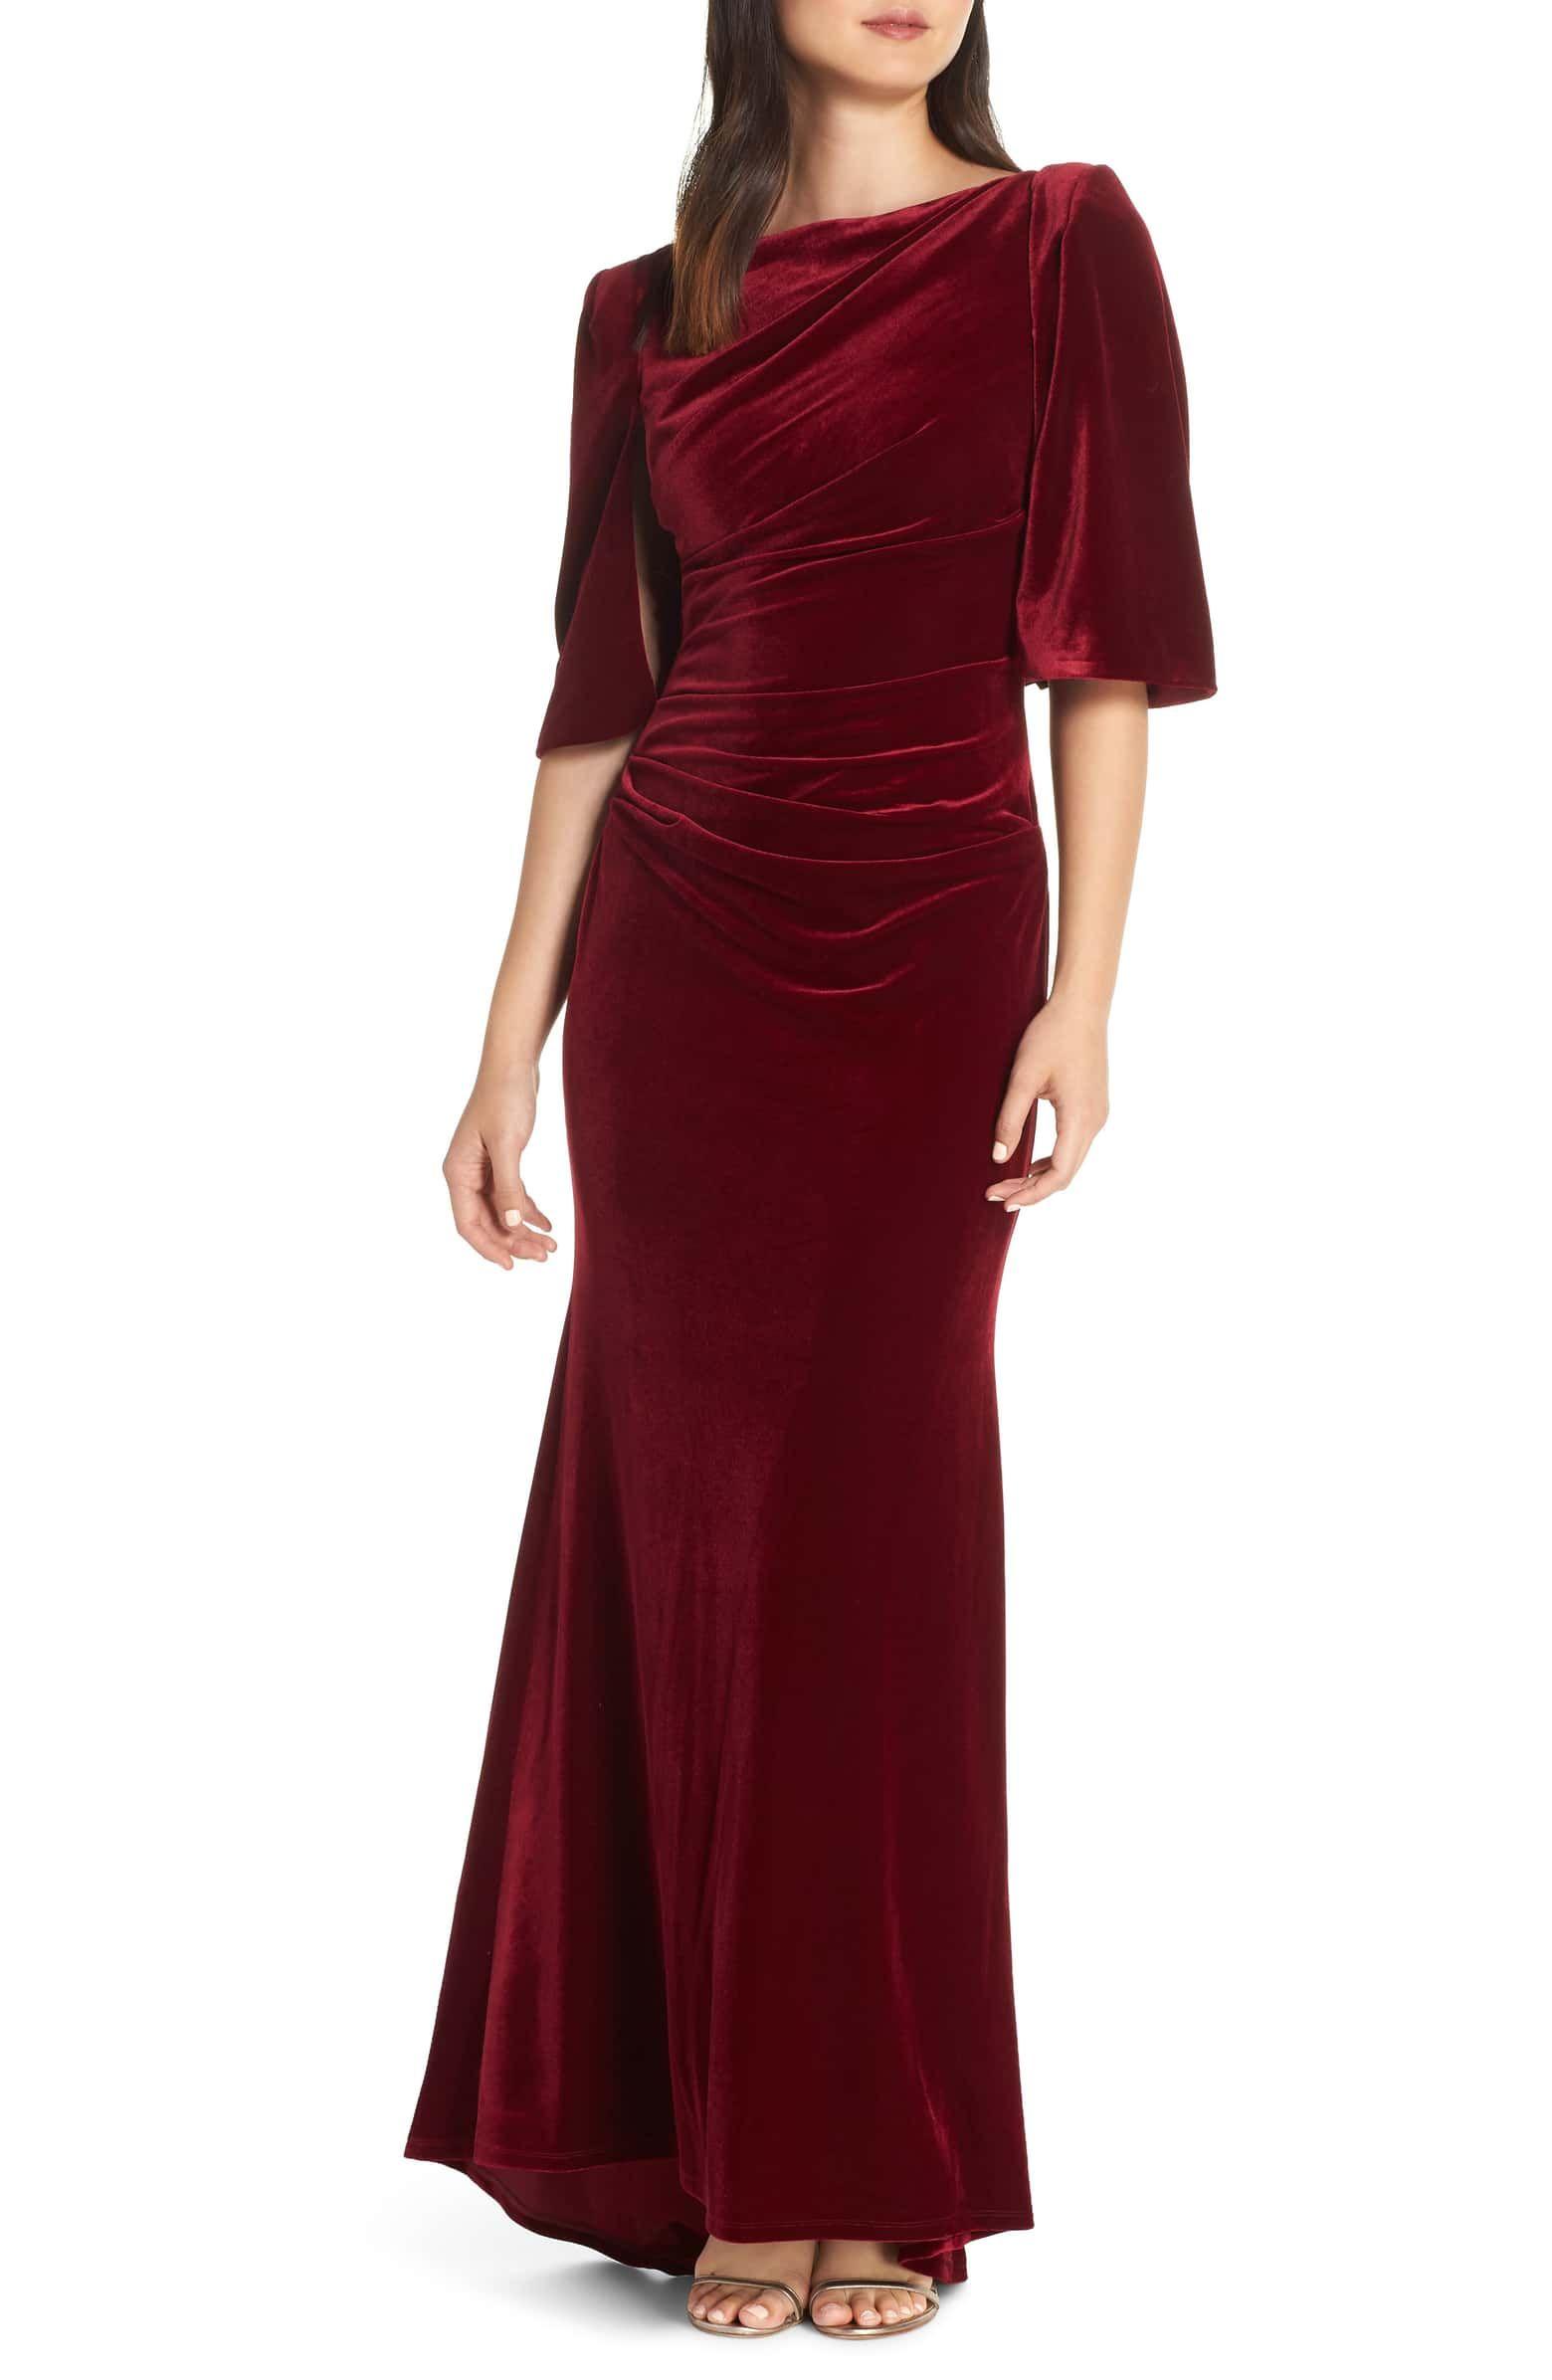 Smocked Waist Velvet Top Red Wine Velvet Tops Outfit Velvet Tops Top Outfits